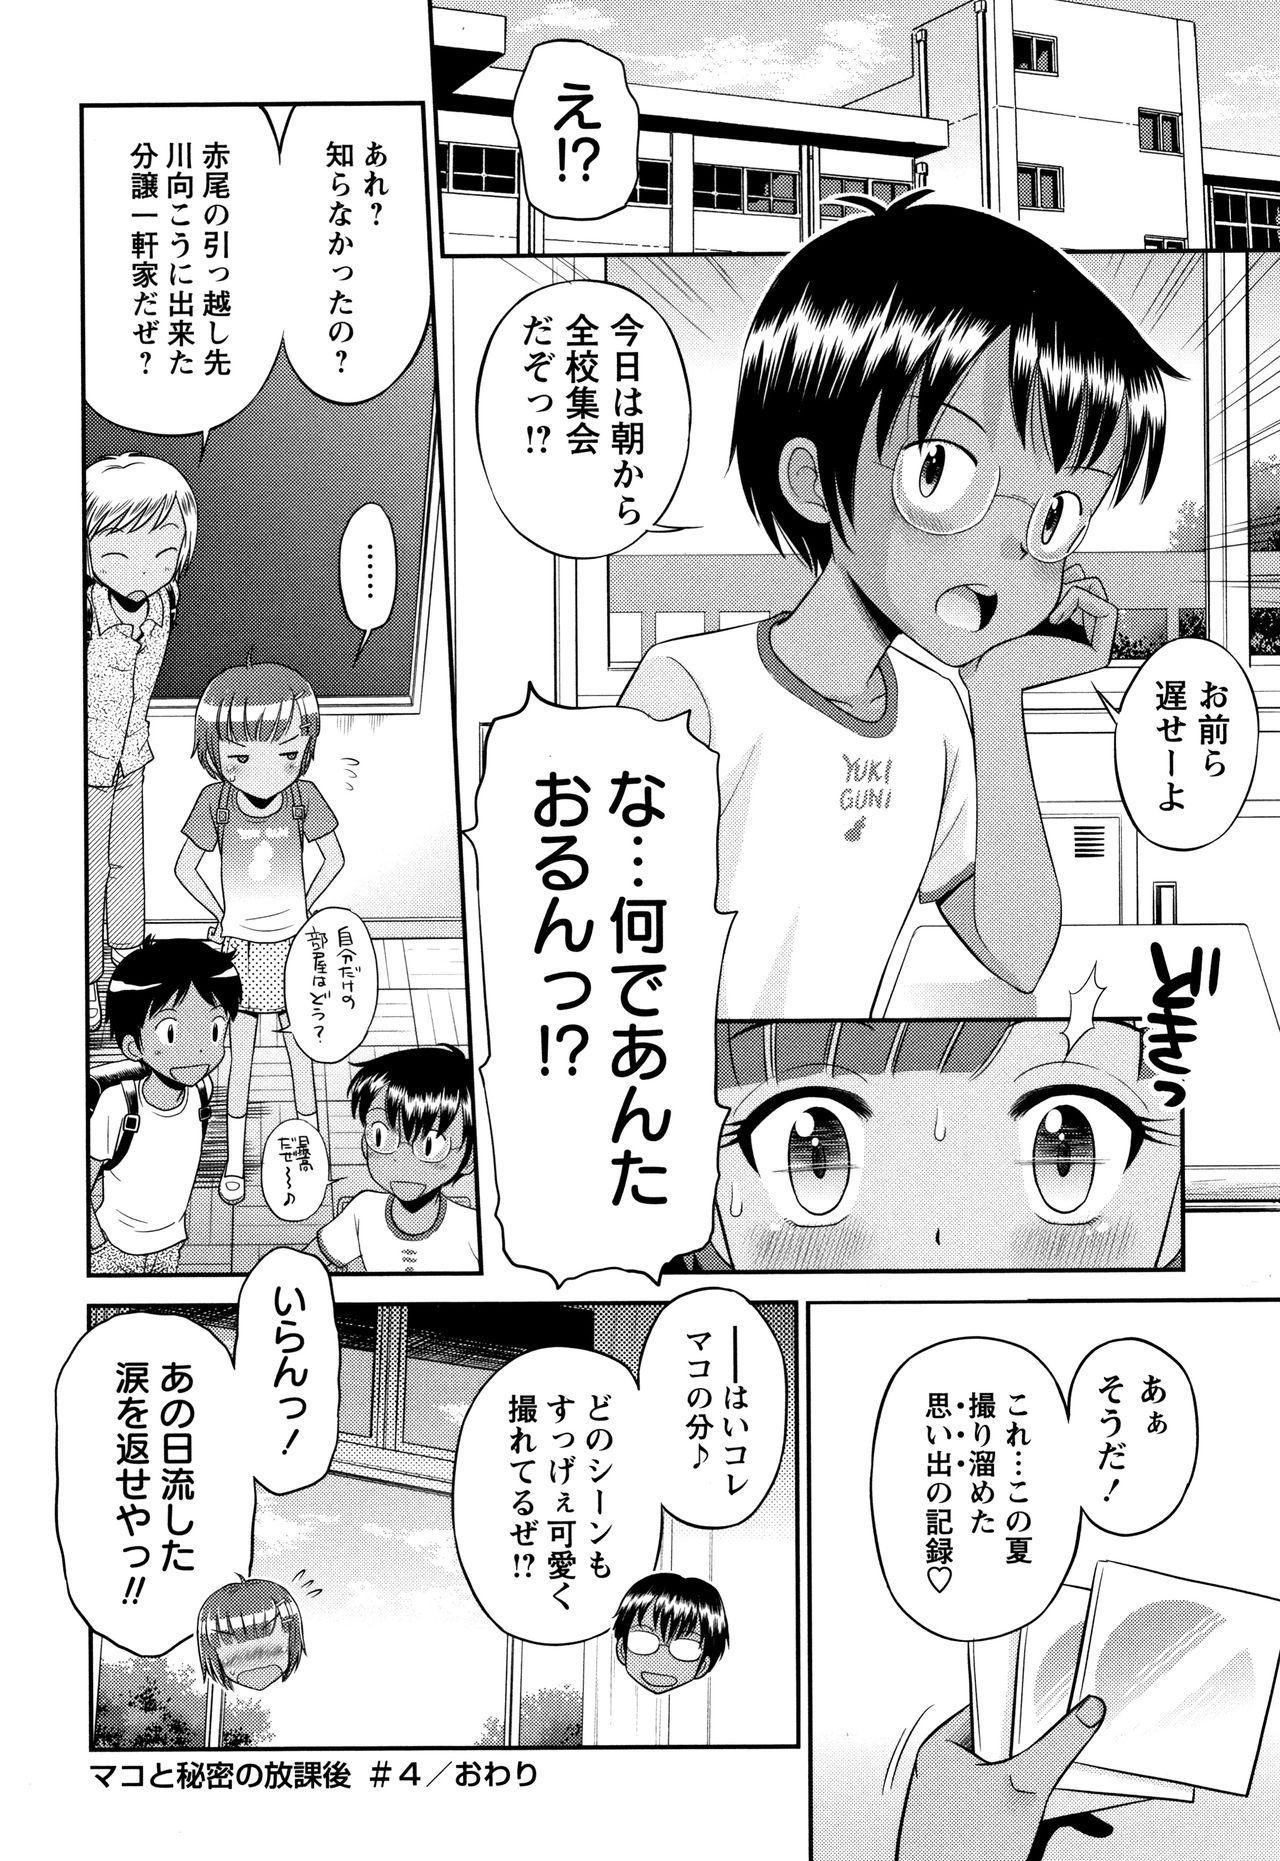 Mako to Himitsu no Houkago 108